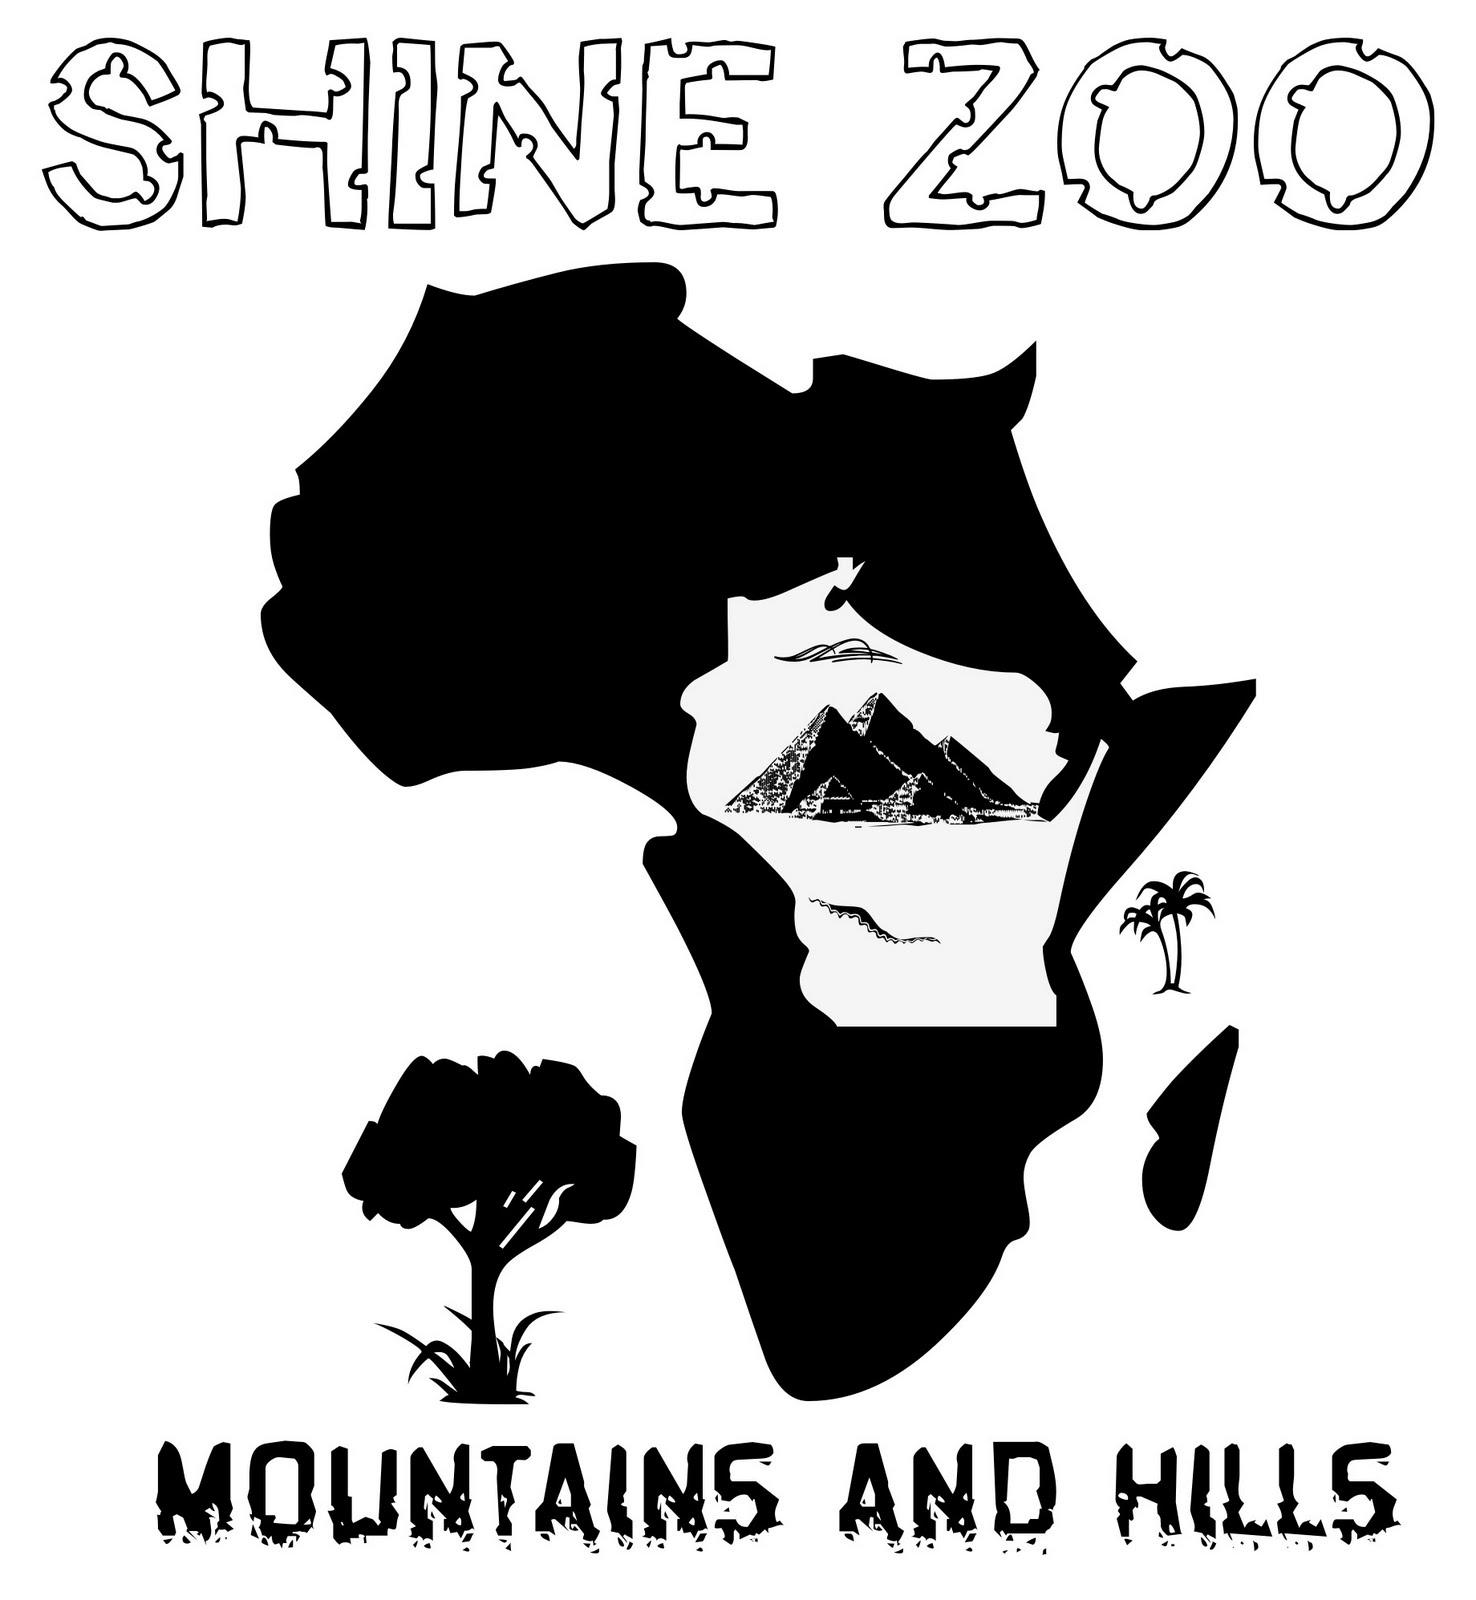 SHINEZOO: September 2010